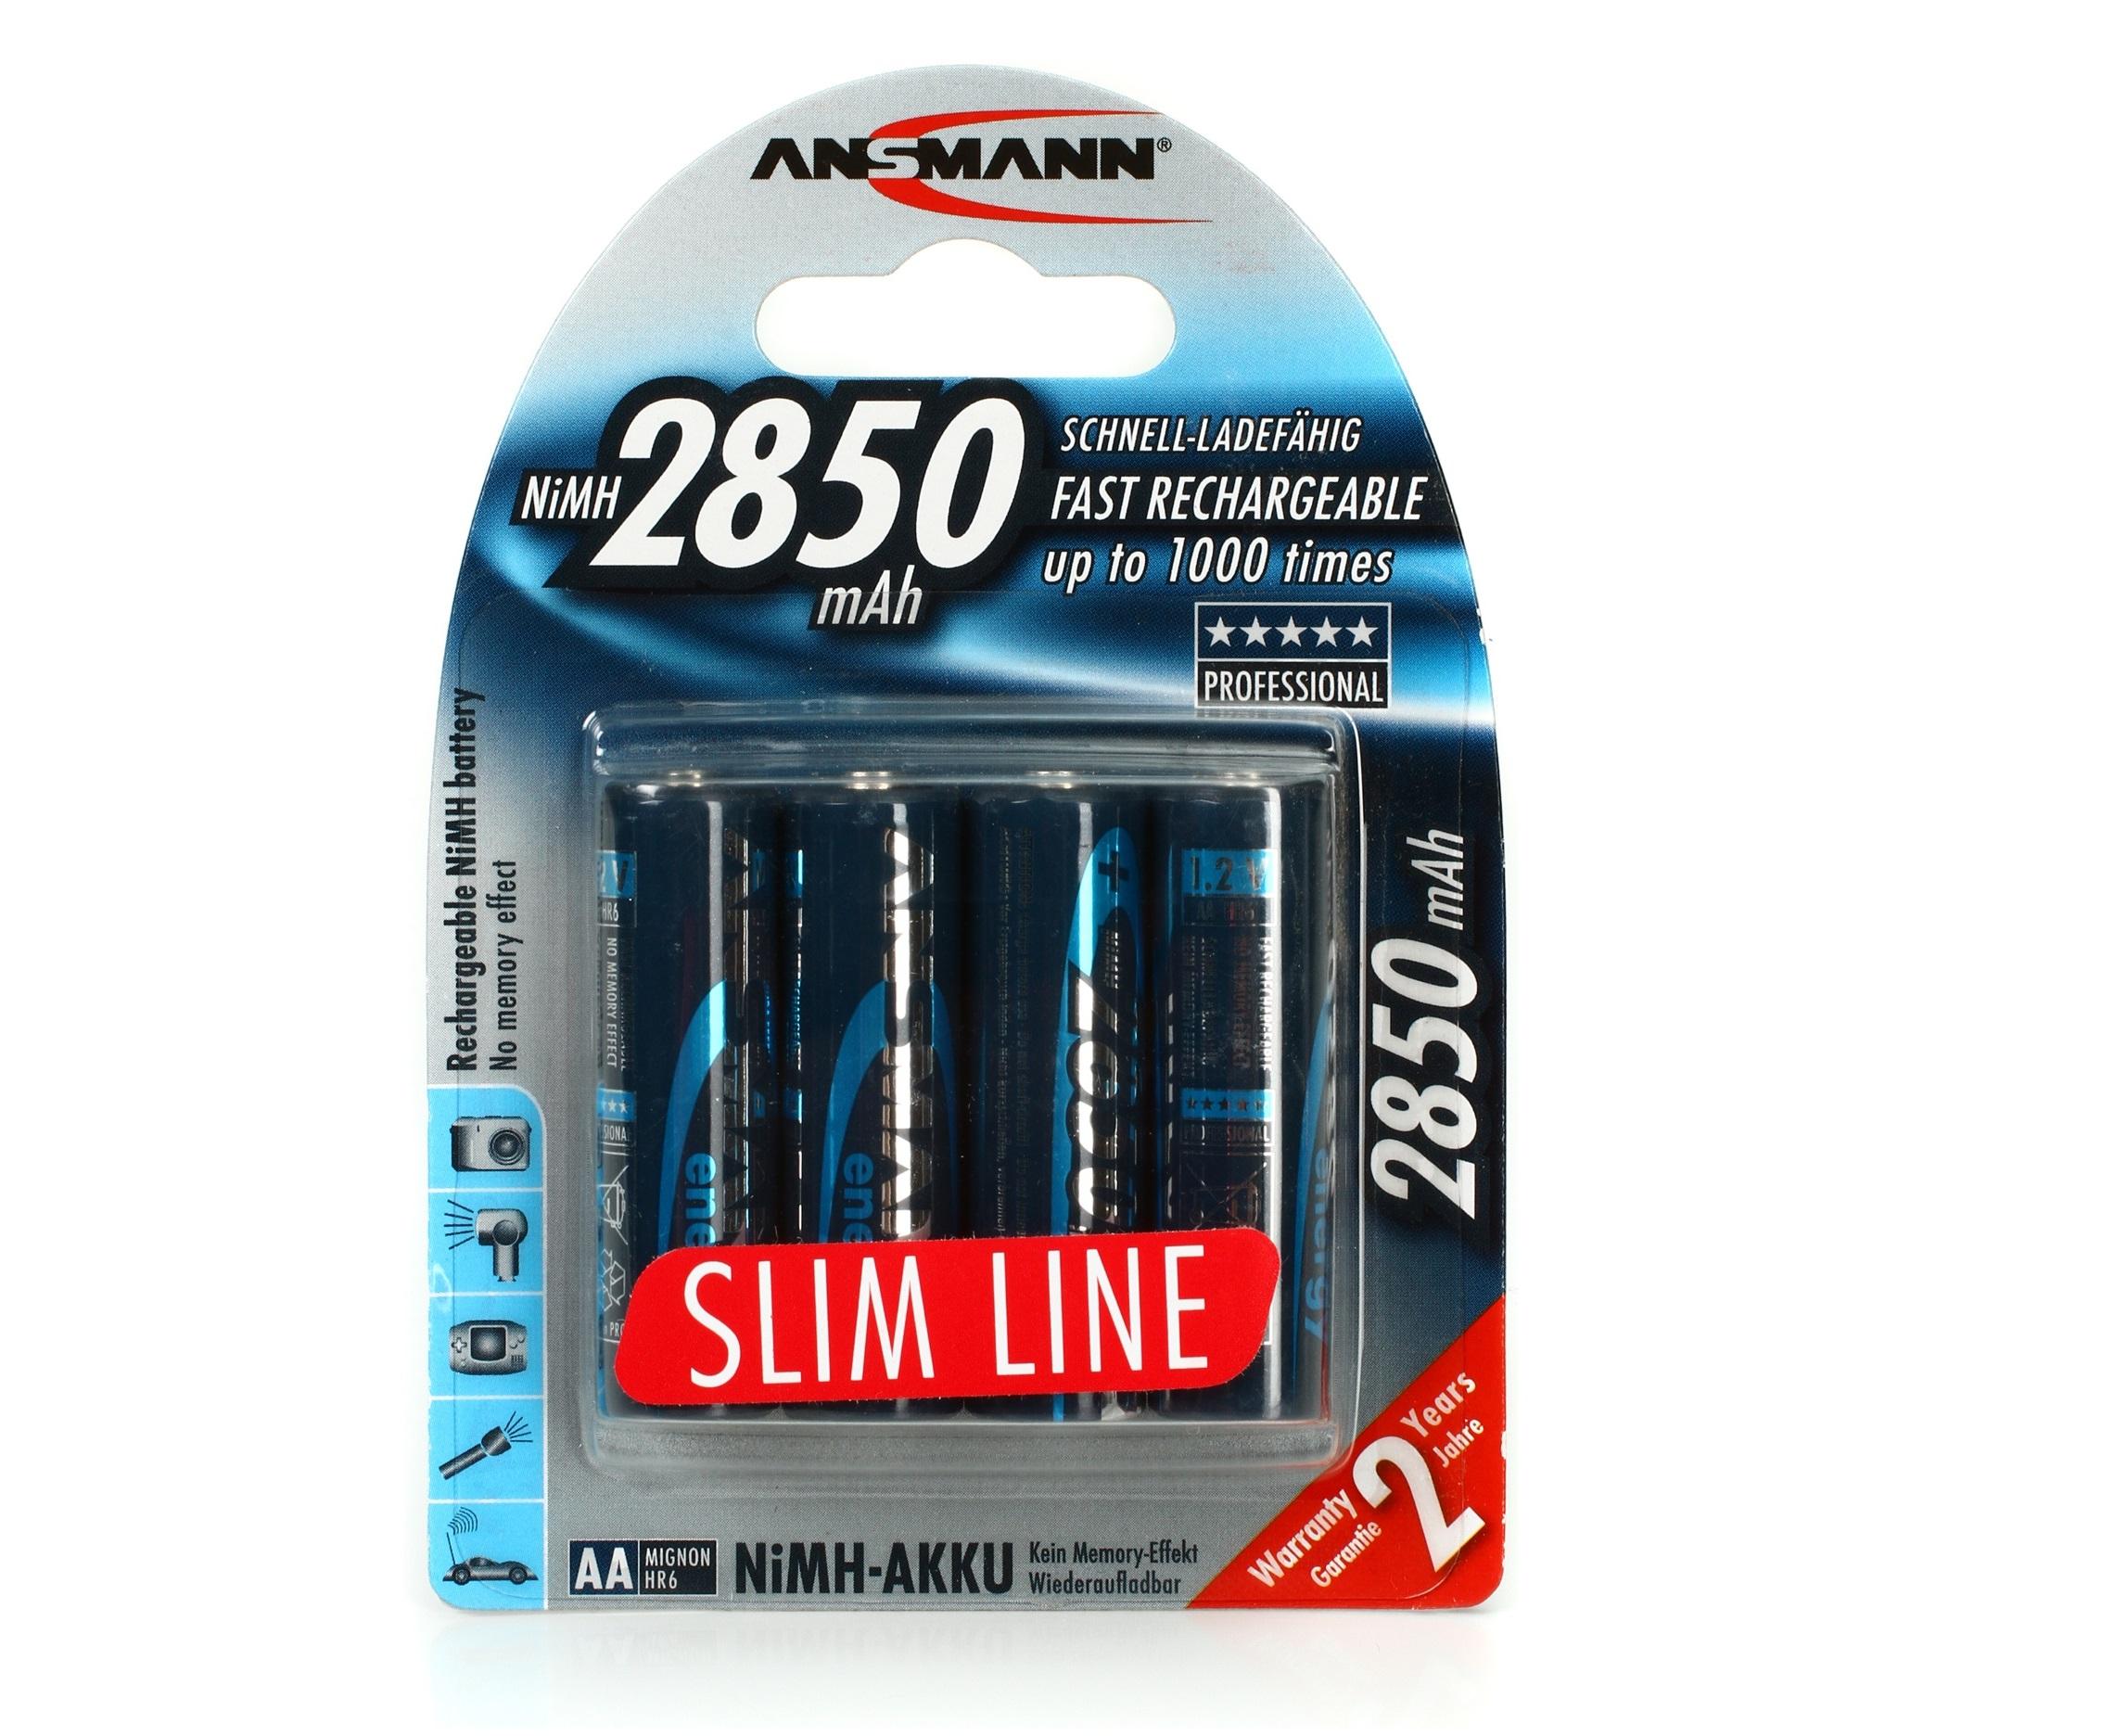 ANSMANN Pin sạc cao cấp NiMH HR6 AA-2850mAh - BL4 - 5035212-US